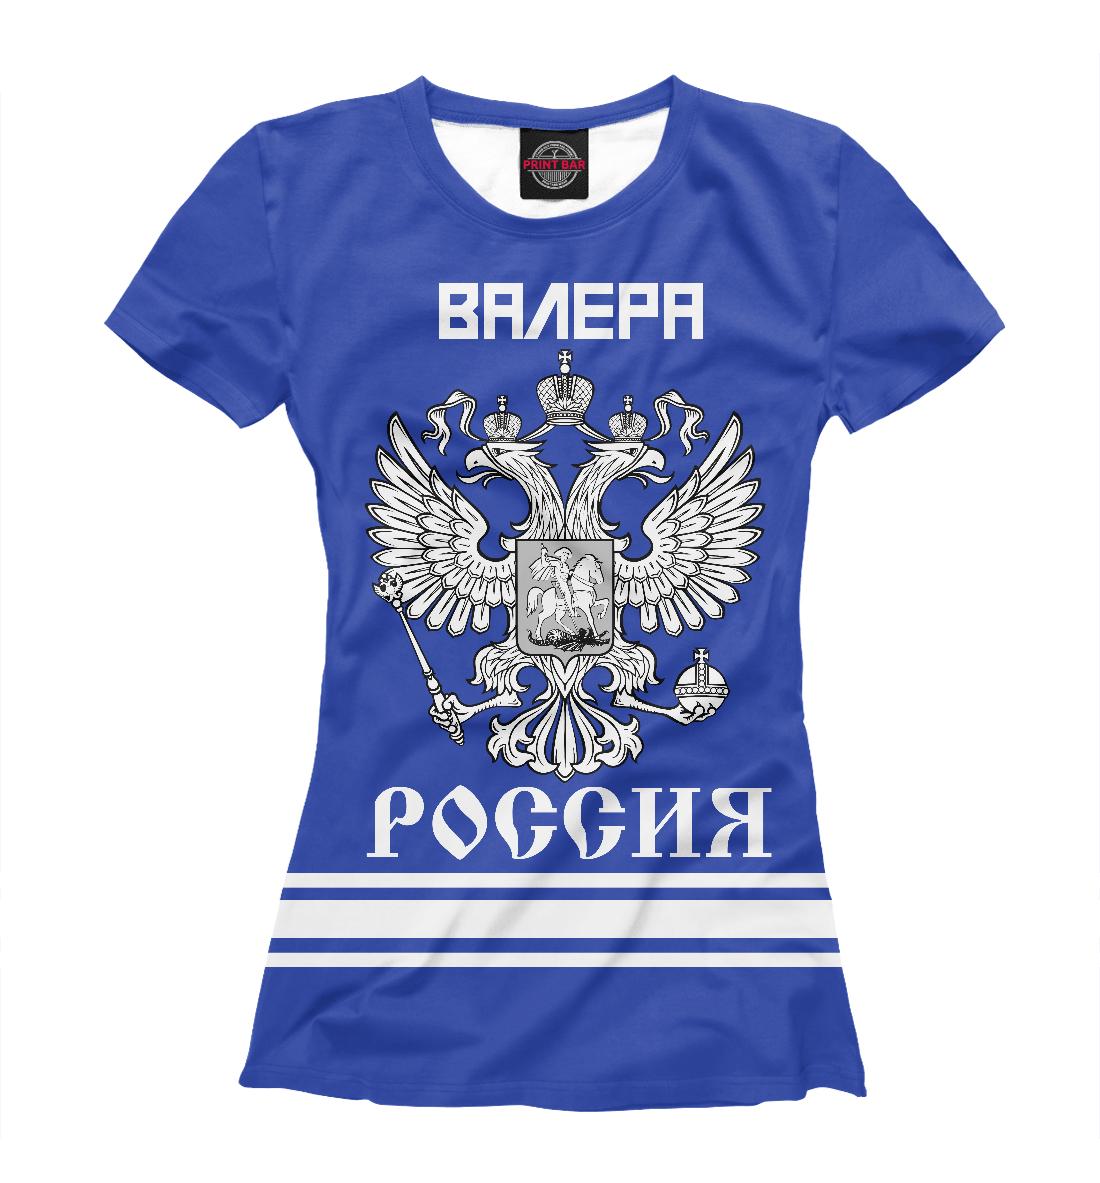 Купить ВАЛЕРА sport russia collection, Printbar, Футболки, VLR-458019-fut-1